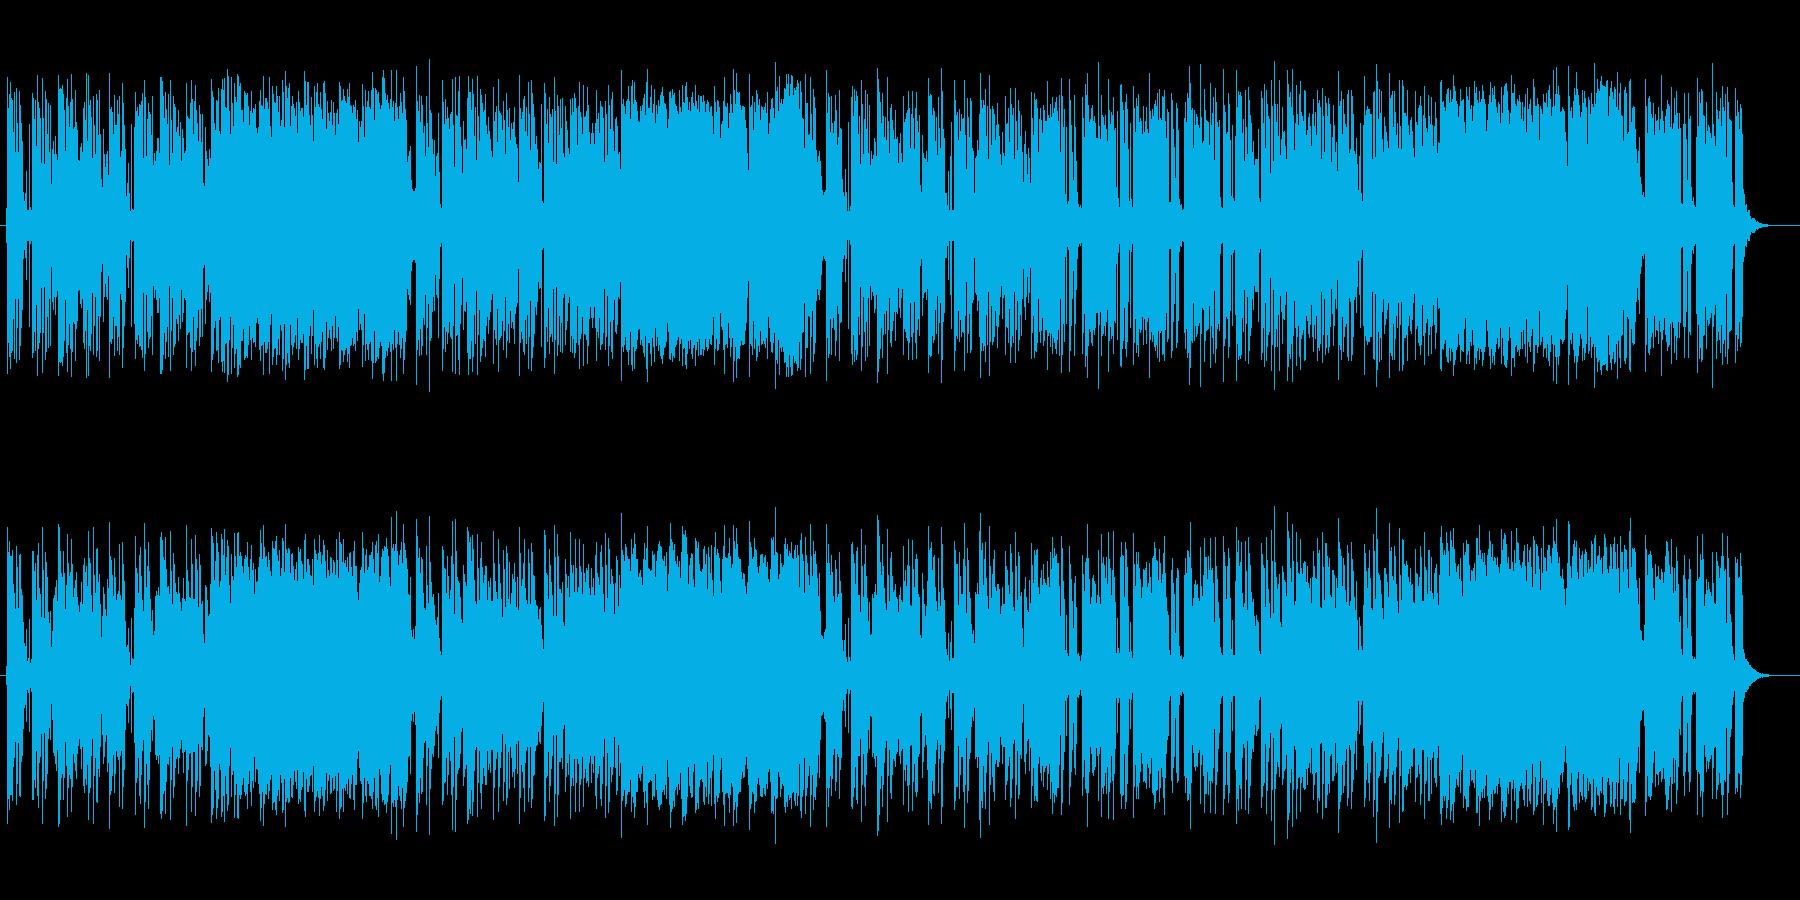 キュートでかわいいメロディのポップスの再生済みの波形